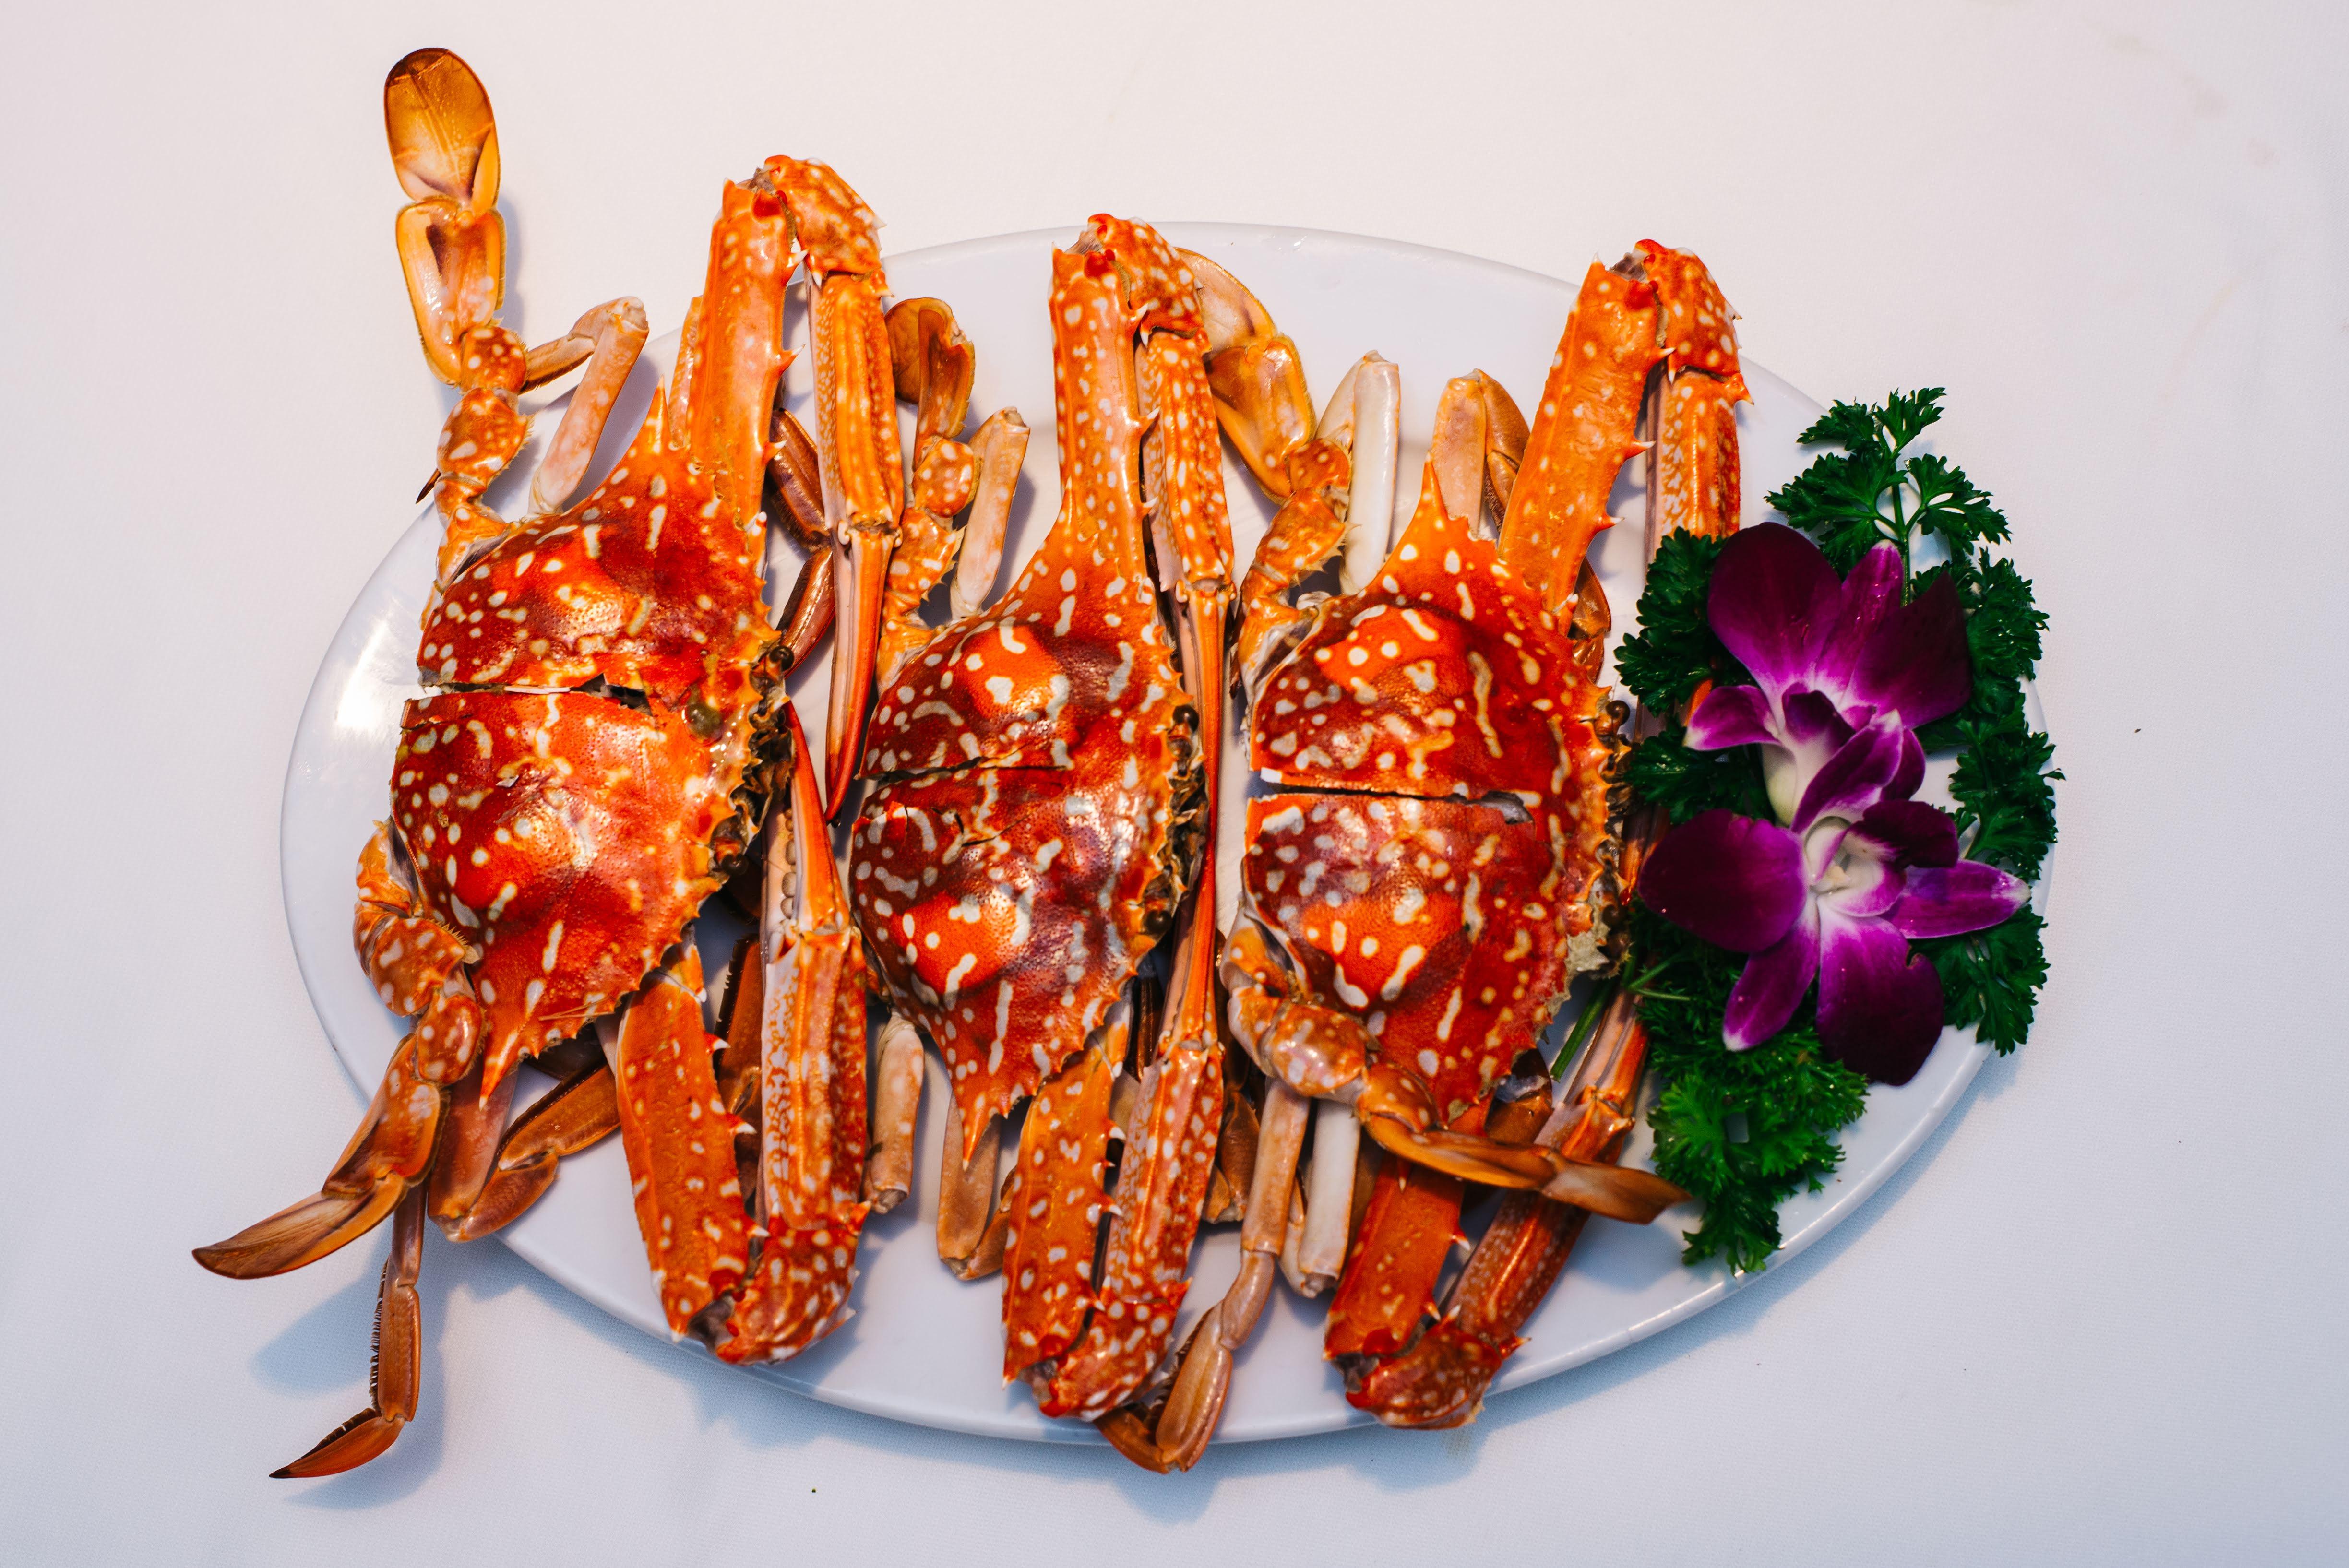 Ghẹ Xanh Hấp / Sea Crab Steamed